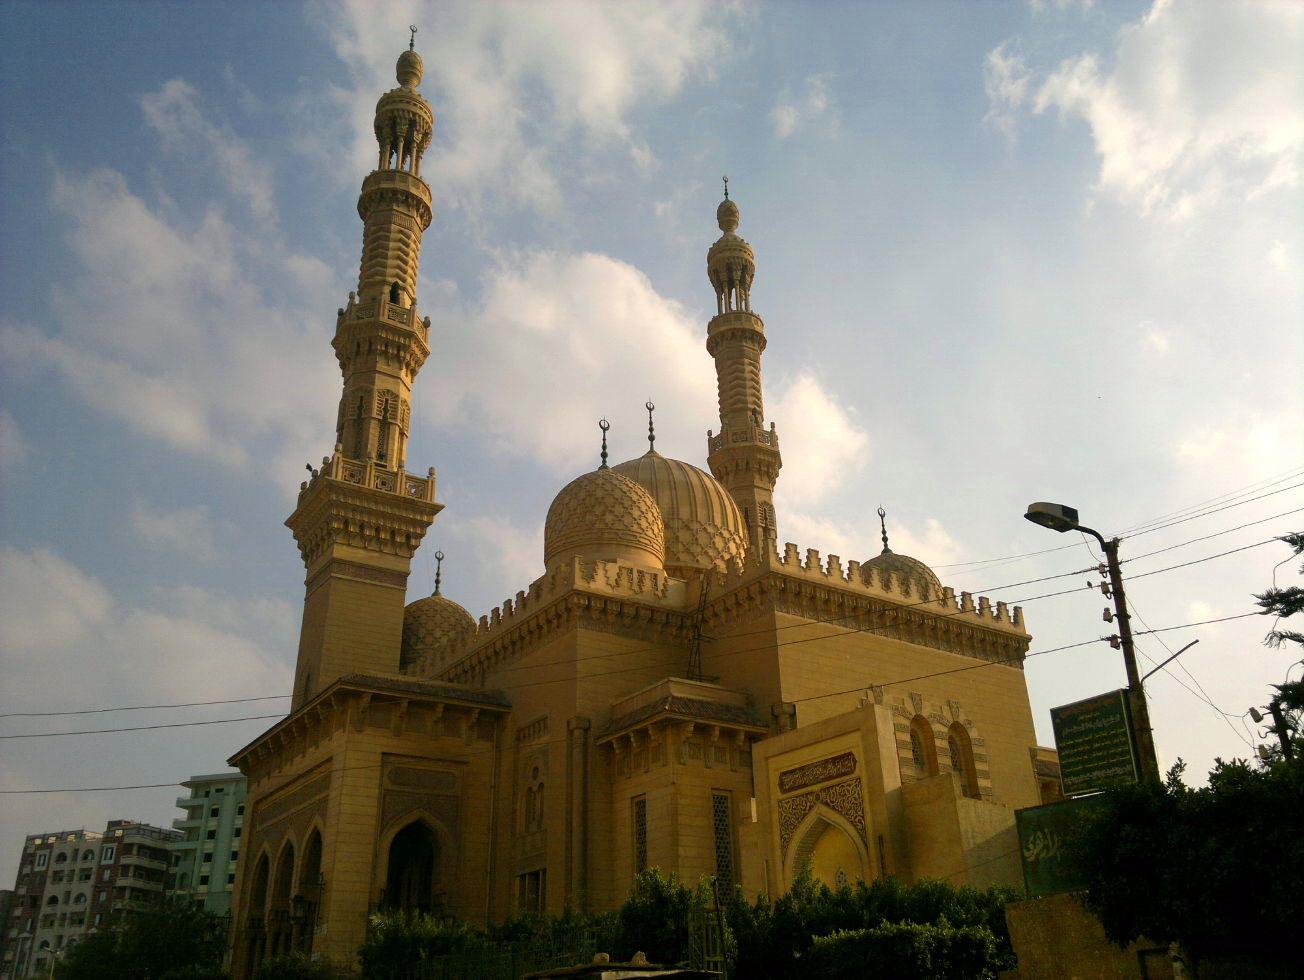 صورة الأوقاف: قرار منع مكبرات الصوت بالمساجد مستمر رمضان المقبل